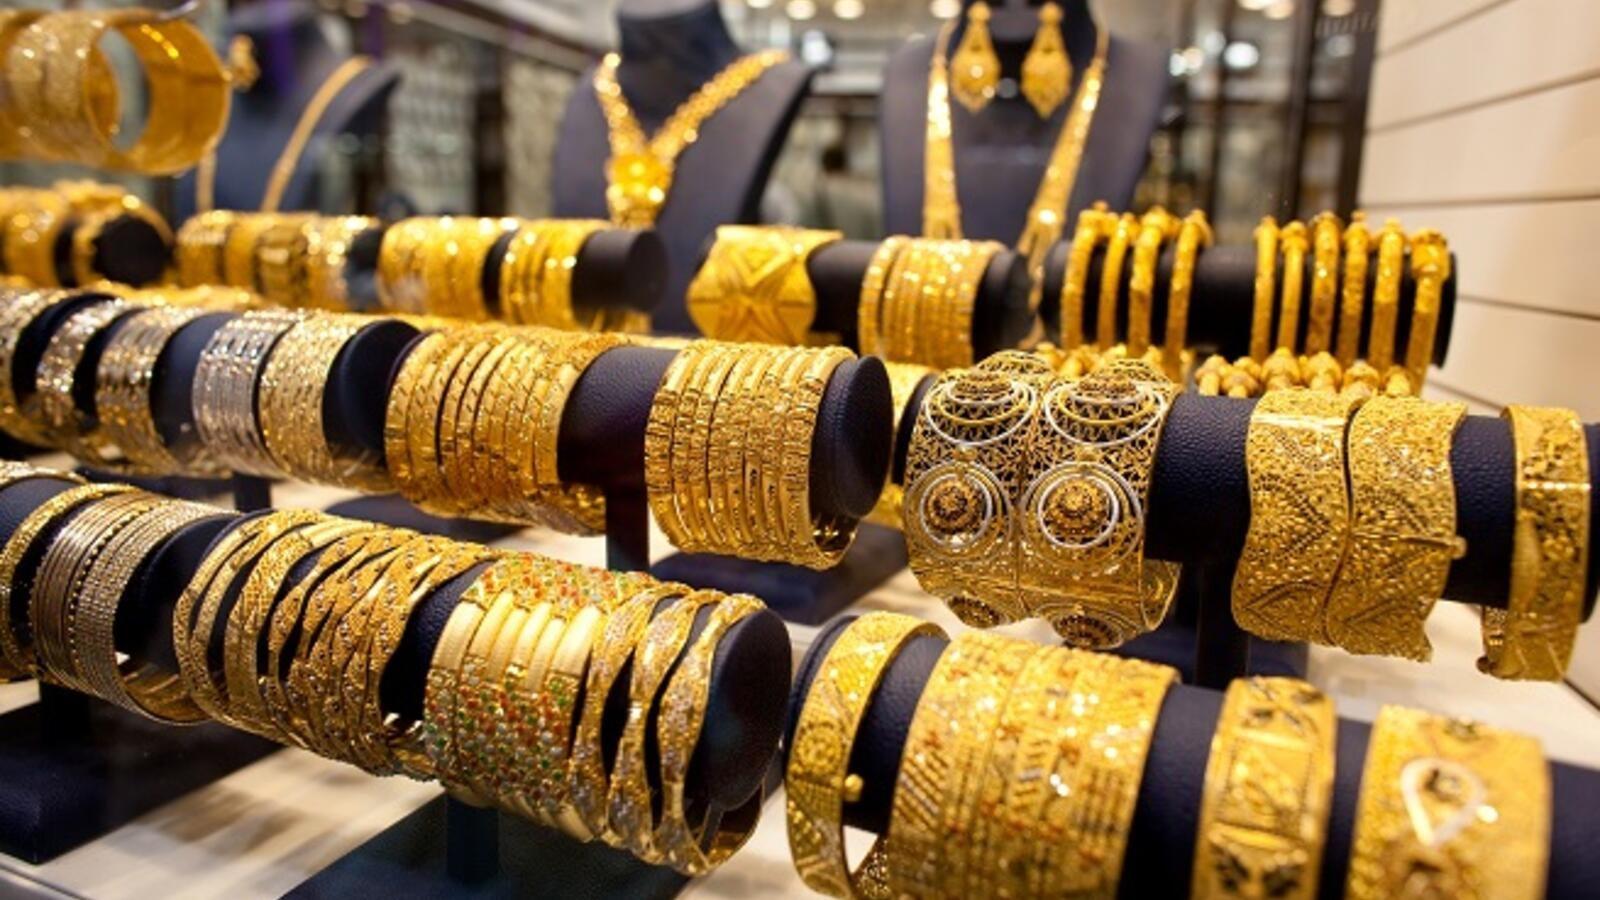 سعر جرام الذهب في السعودية اليوم وتوقعات أسعار الذهب للأيام المقبلة 5 فبراير 2021 ثقفني